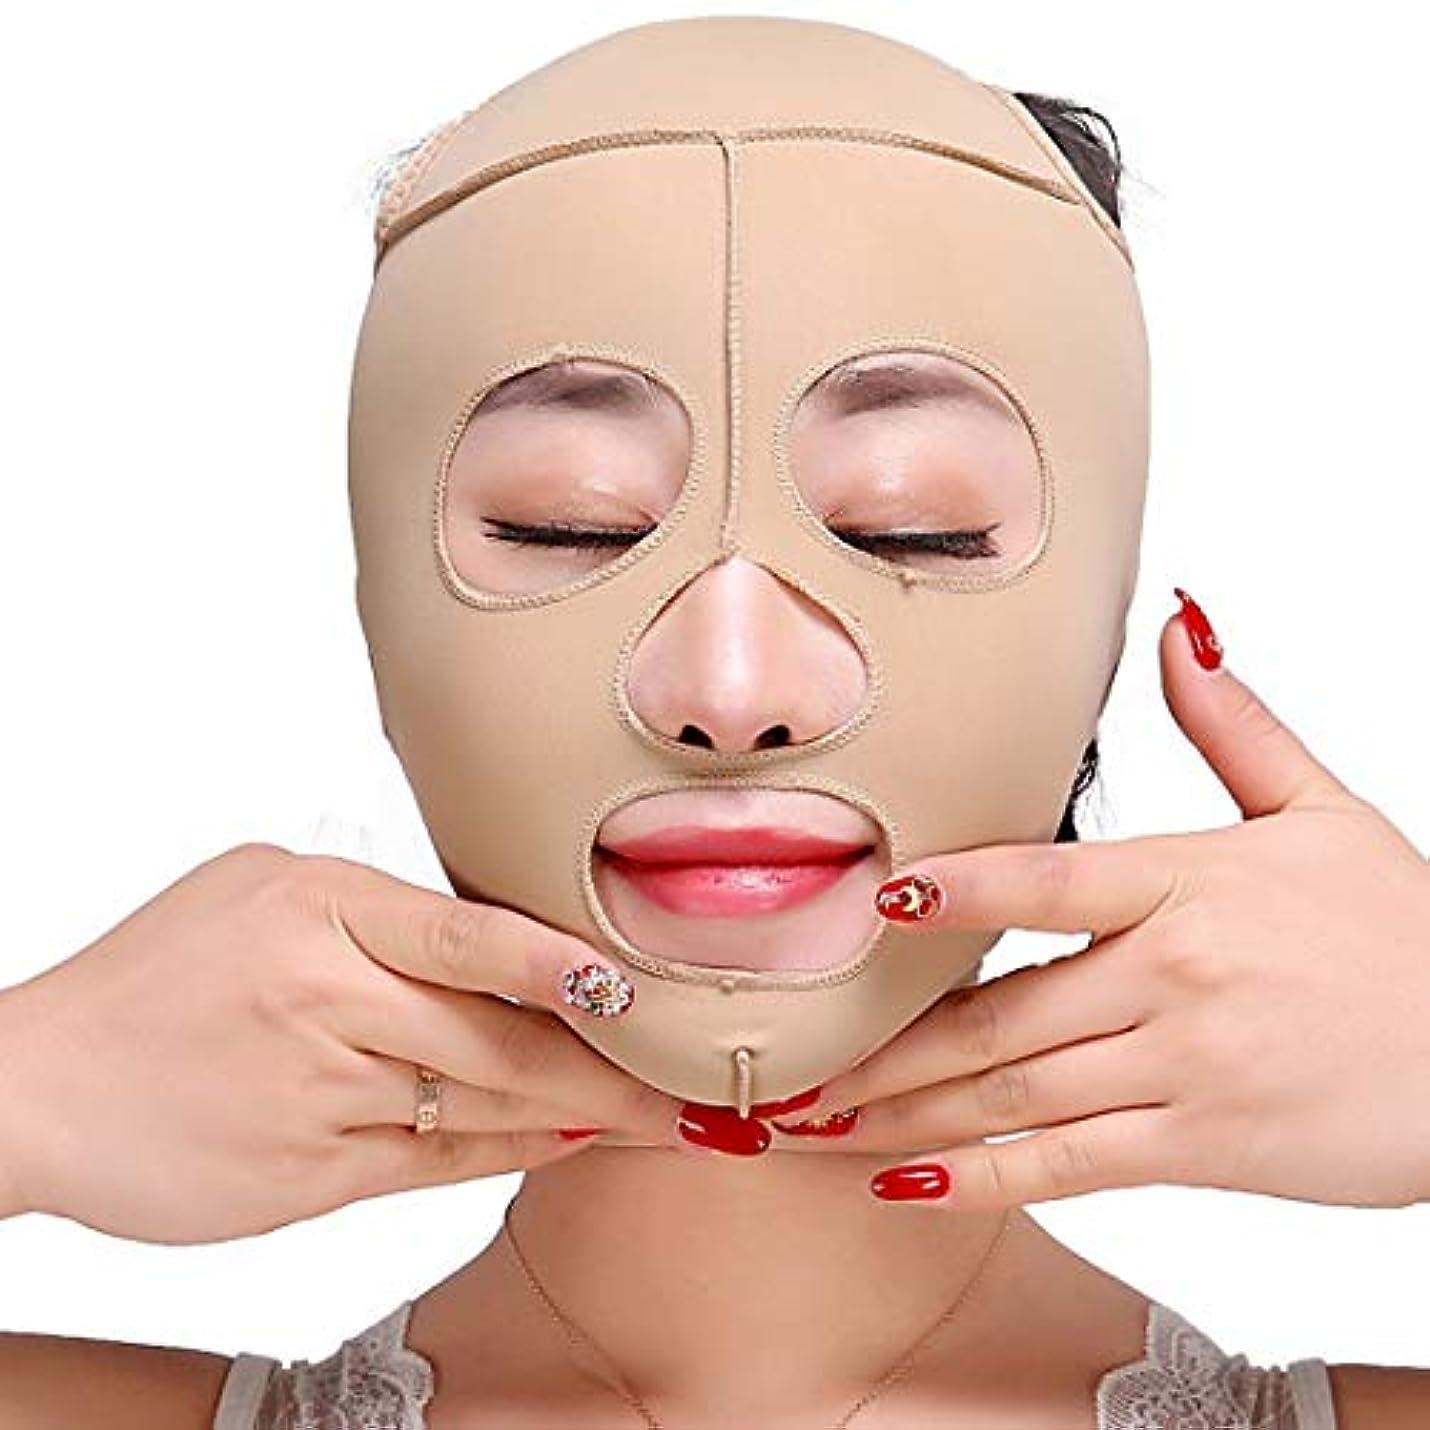 柔和ラックキーZWBD フェイスマスク, フェイスリフティング包帯Vフェイスリフティングと締め付けフェイスリフティングマスクラインカービングヘッドカバー術後回復顔整形包帯